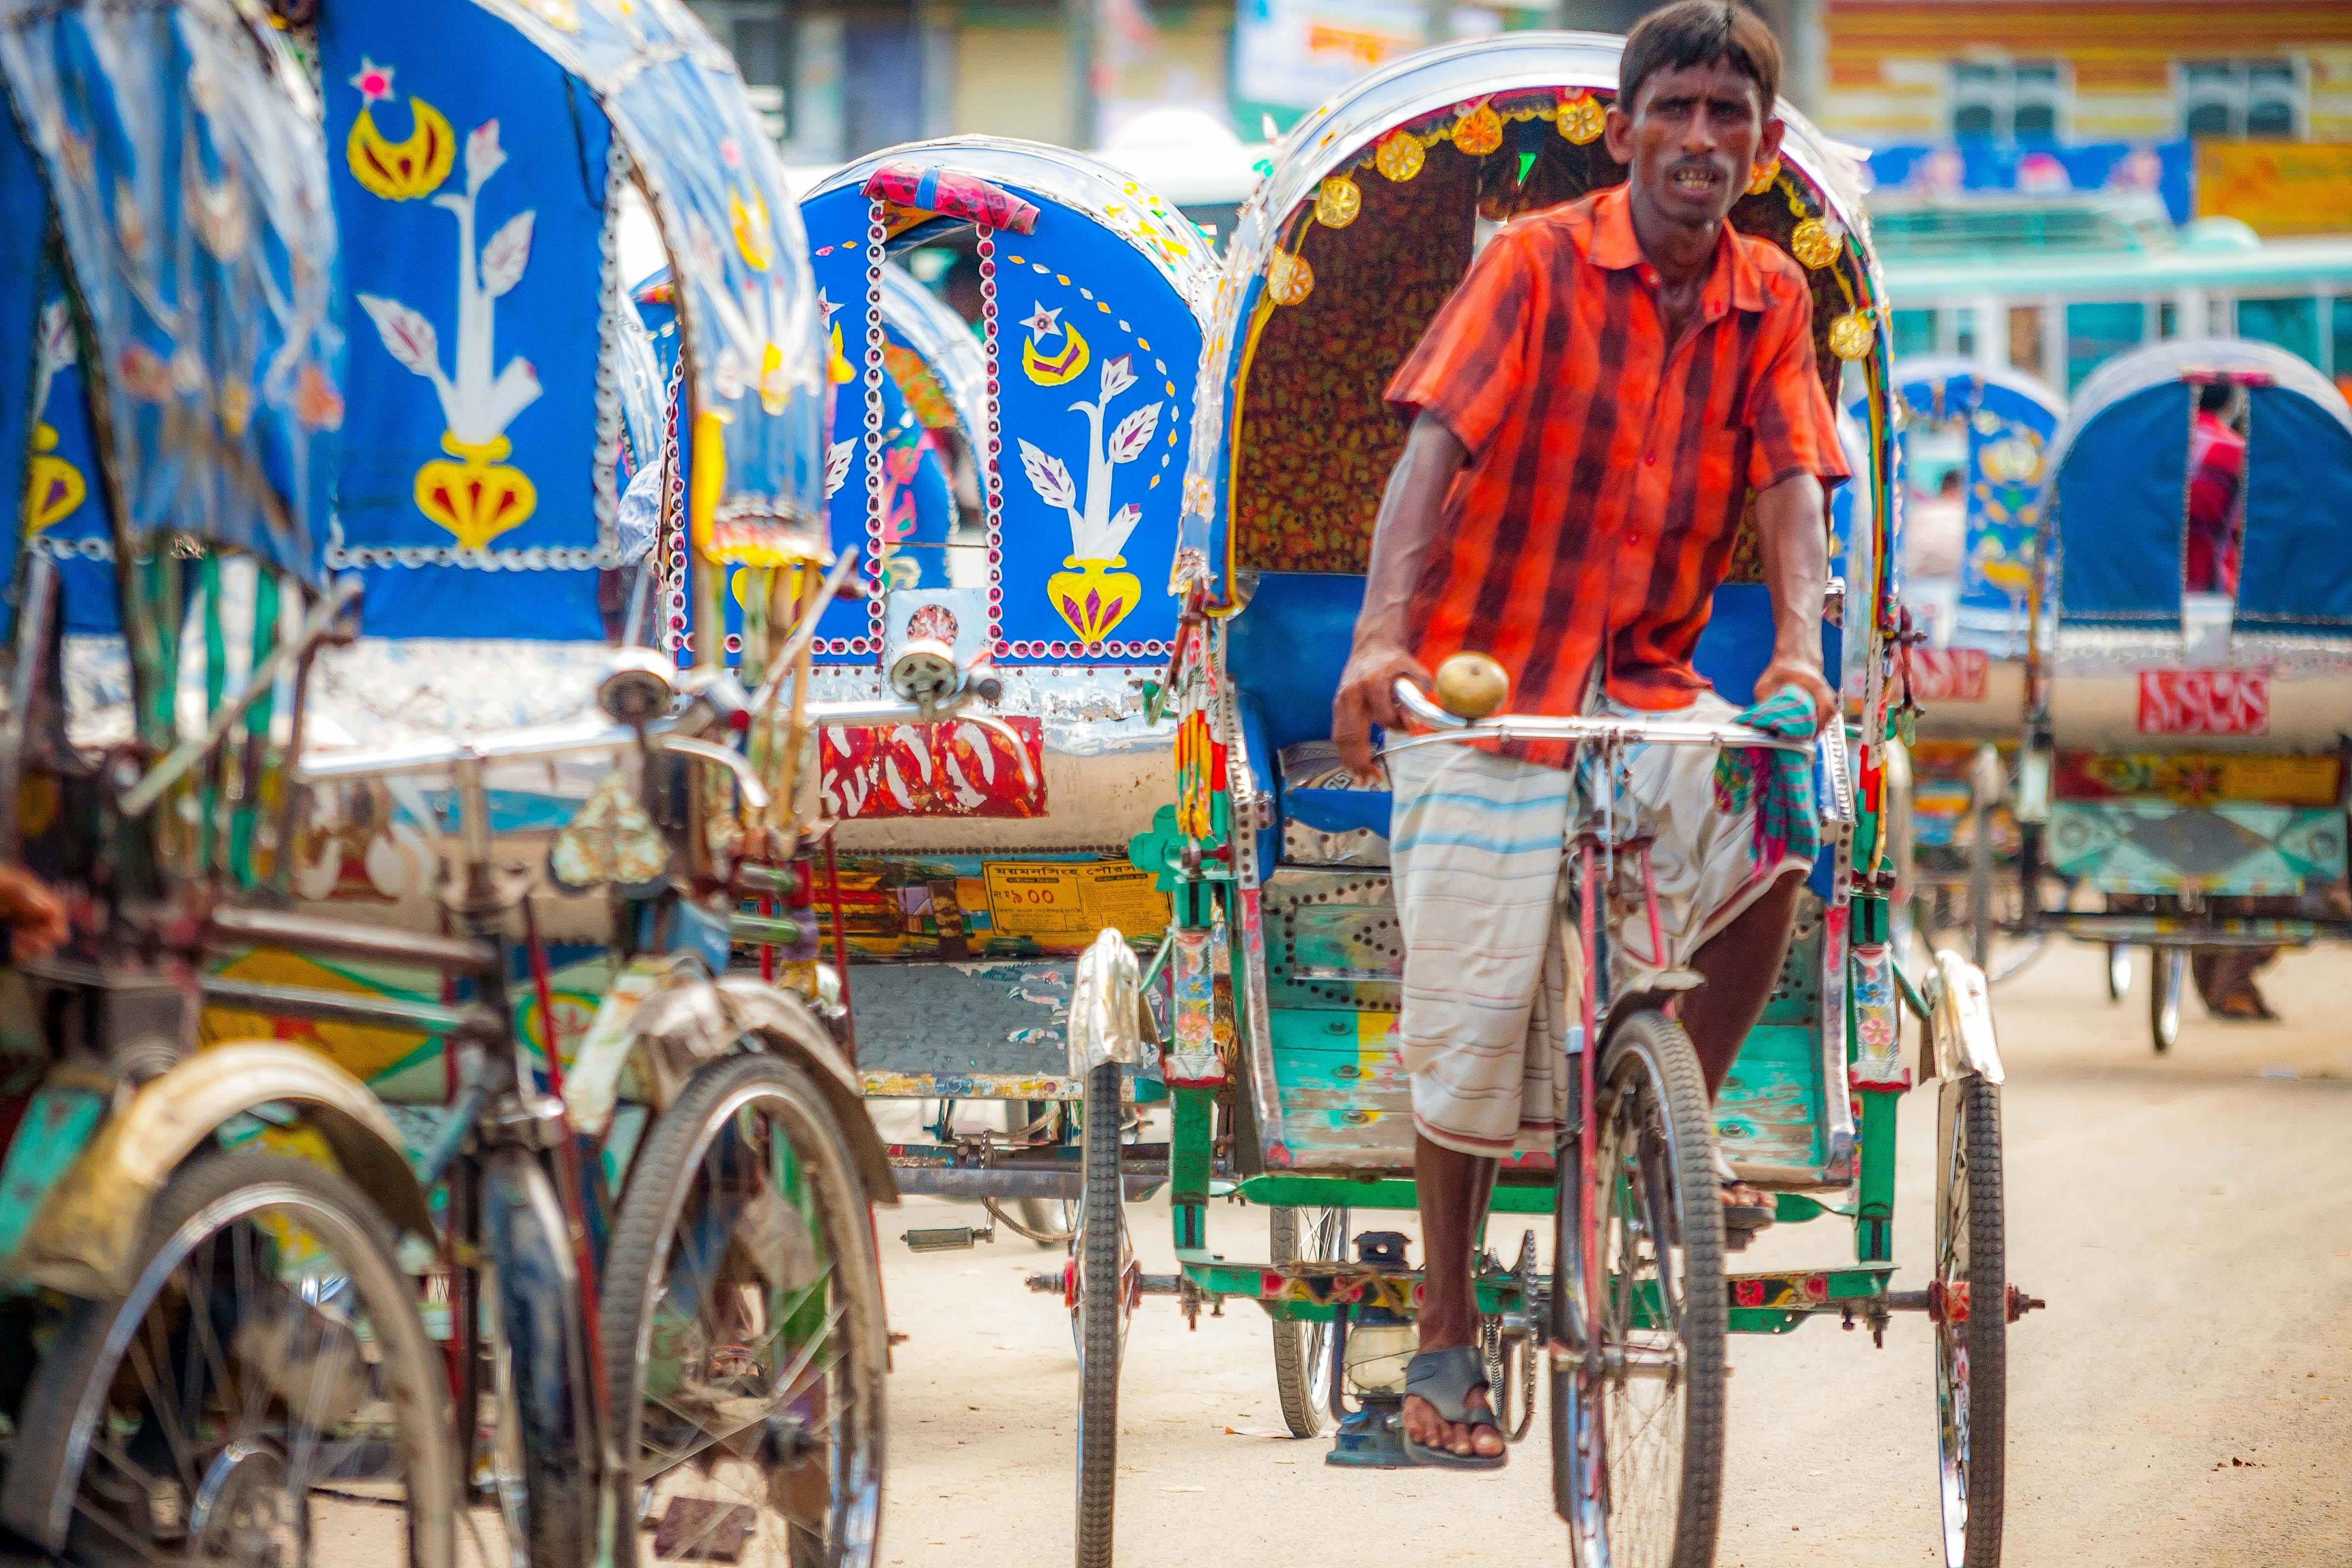 Bangladesh, Netrakona Prov, Bicycle Taxi, 2009, IMG 8799